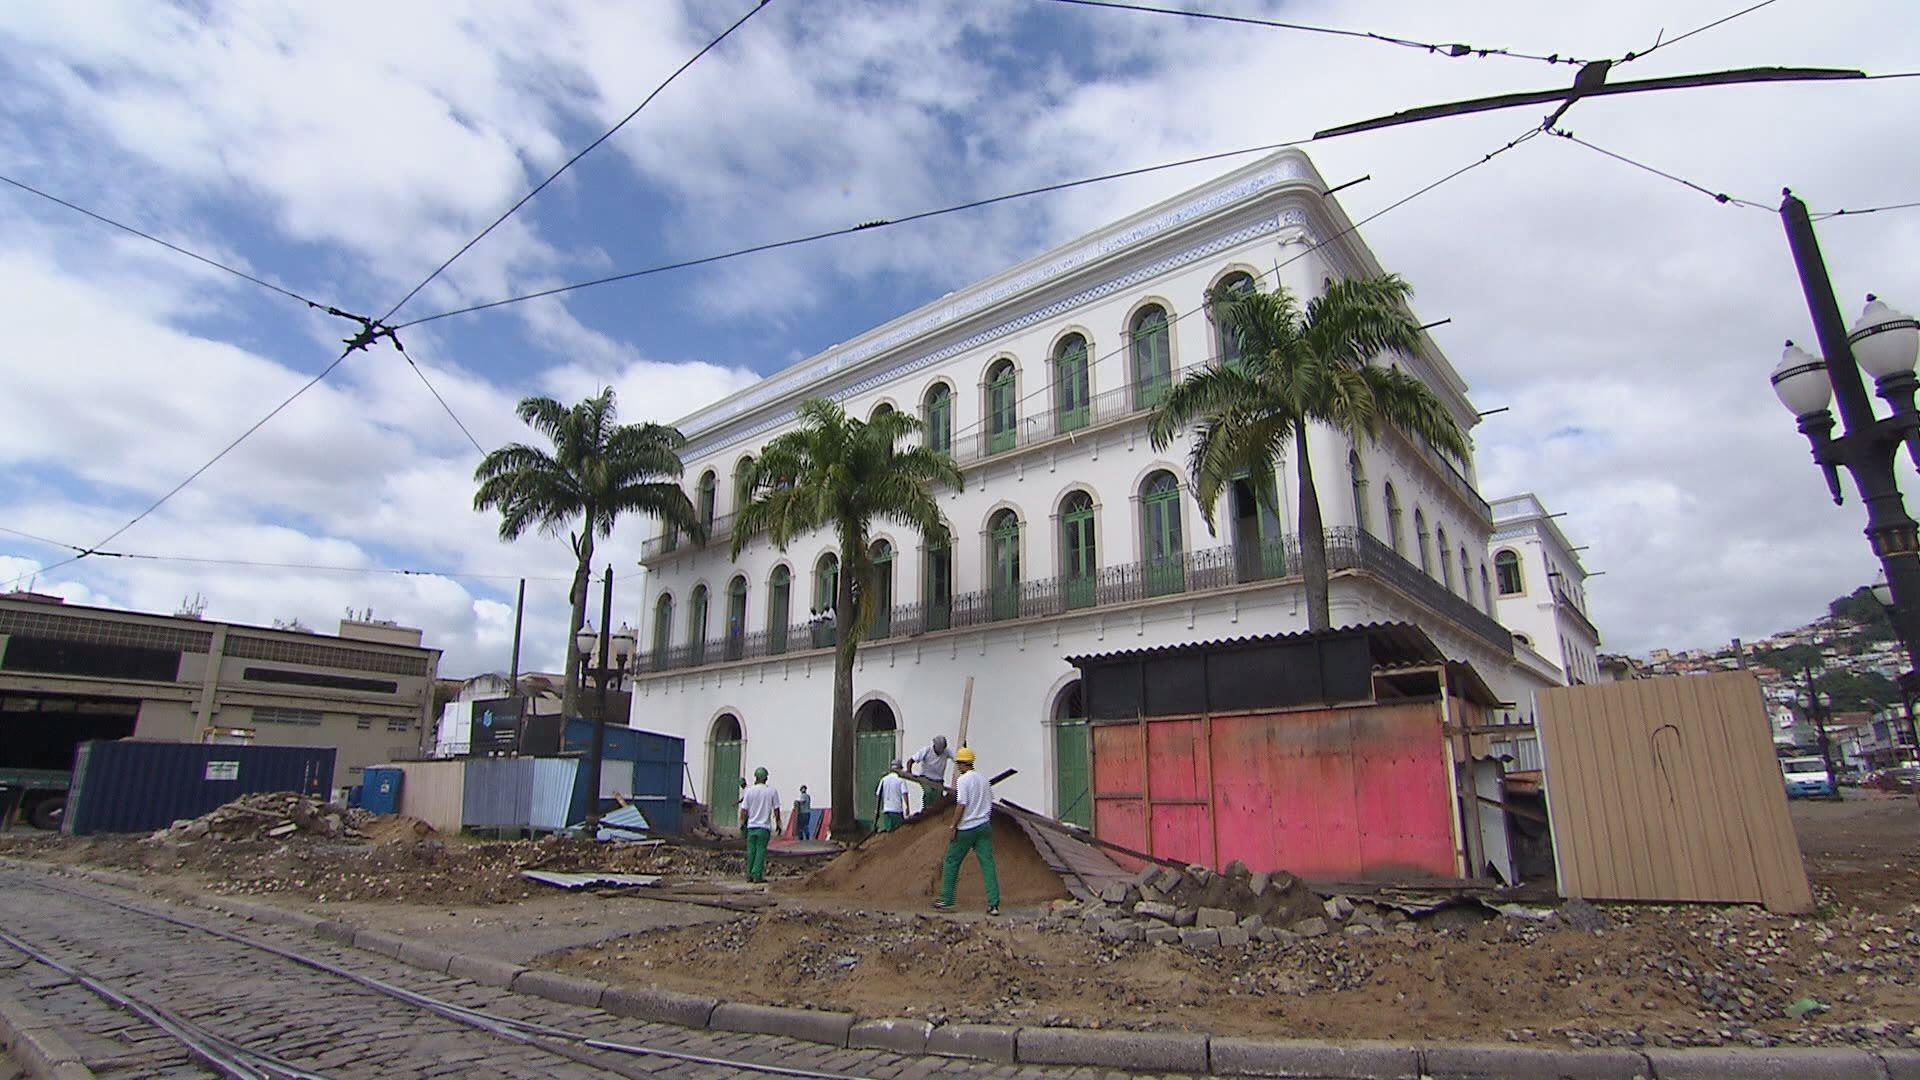 Obras do Museo do Pelé (Foto: Reprodução/TV Tribuna)